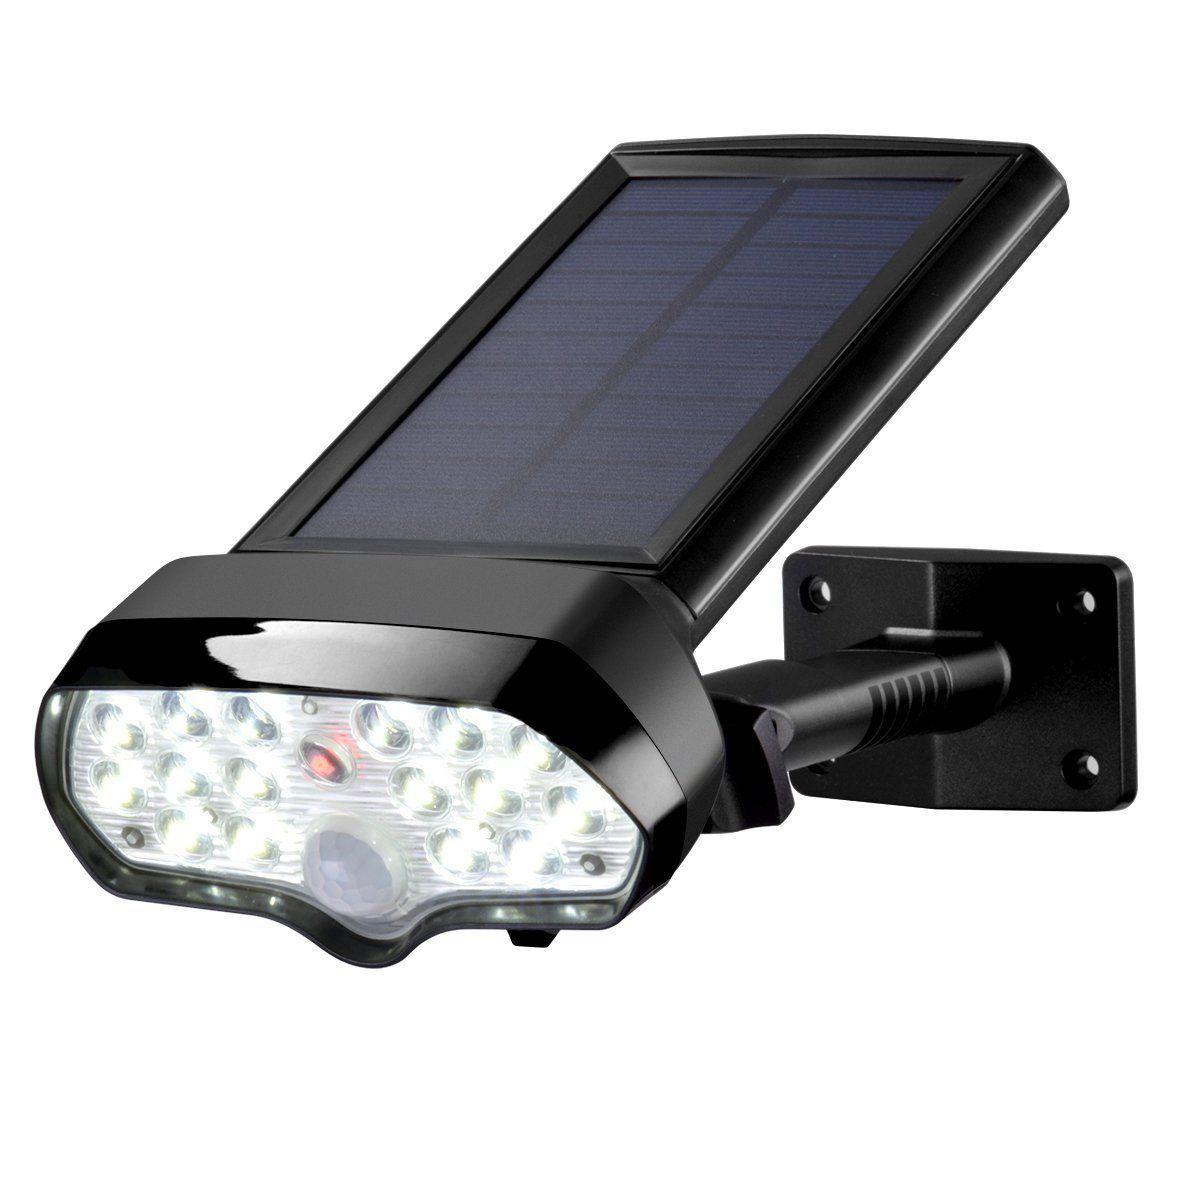 Solar Motion Sensor Light Sunix Solar Security Light Ip65 Waterproof Outdoor Solar Wall Li Solar Security Light Outdoor Solar Wall Lights Motion Sensor Lights